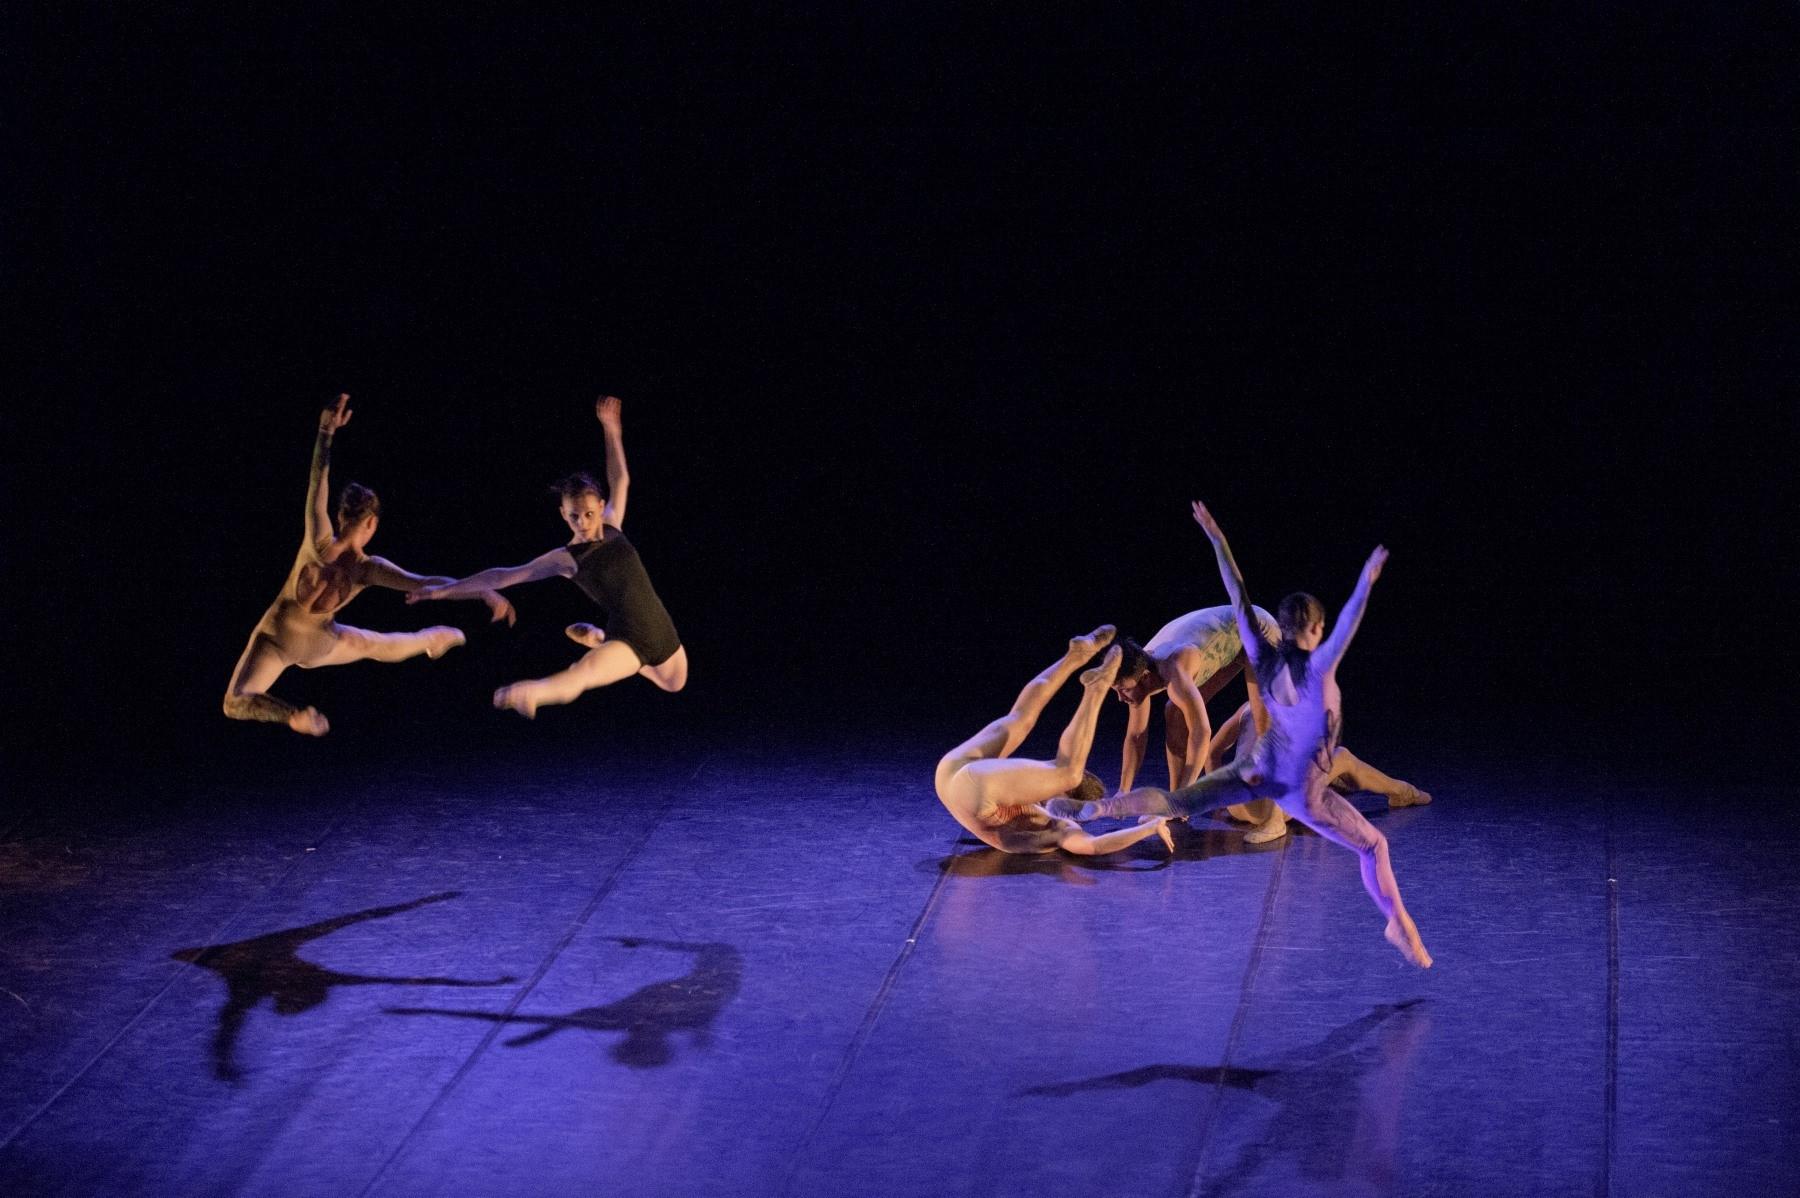 Gabriele-Rossi-110 Dance